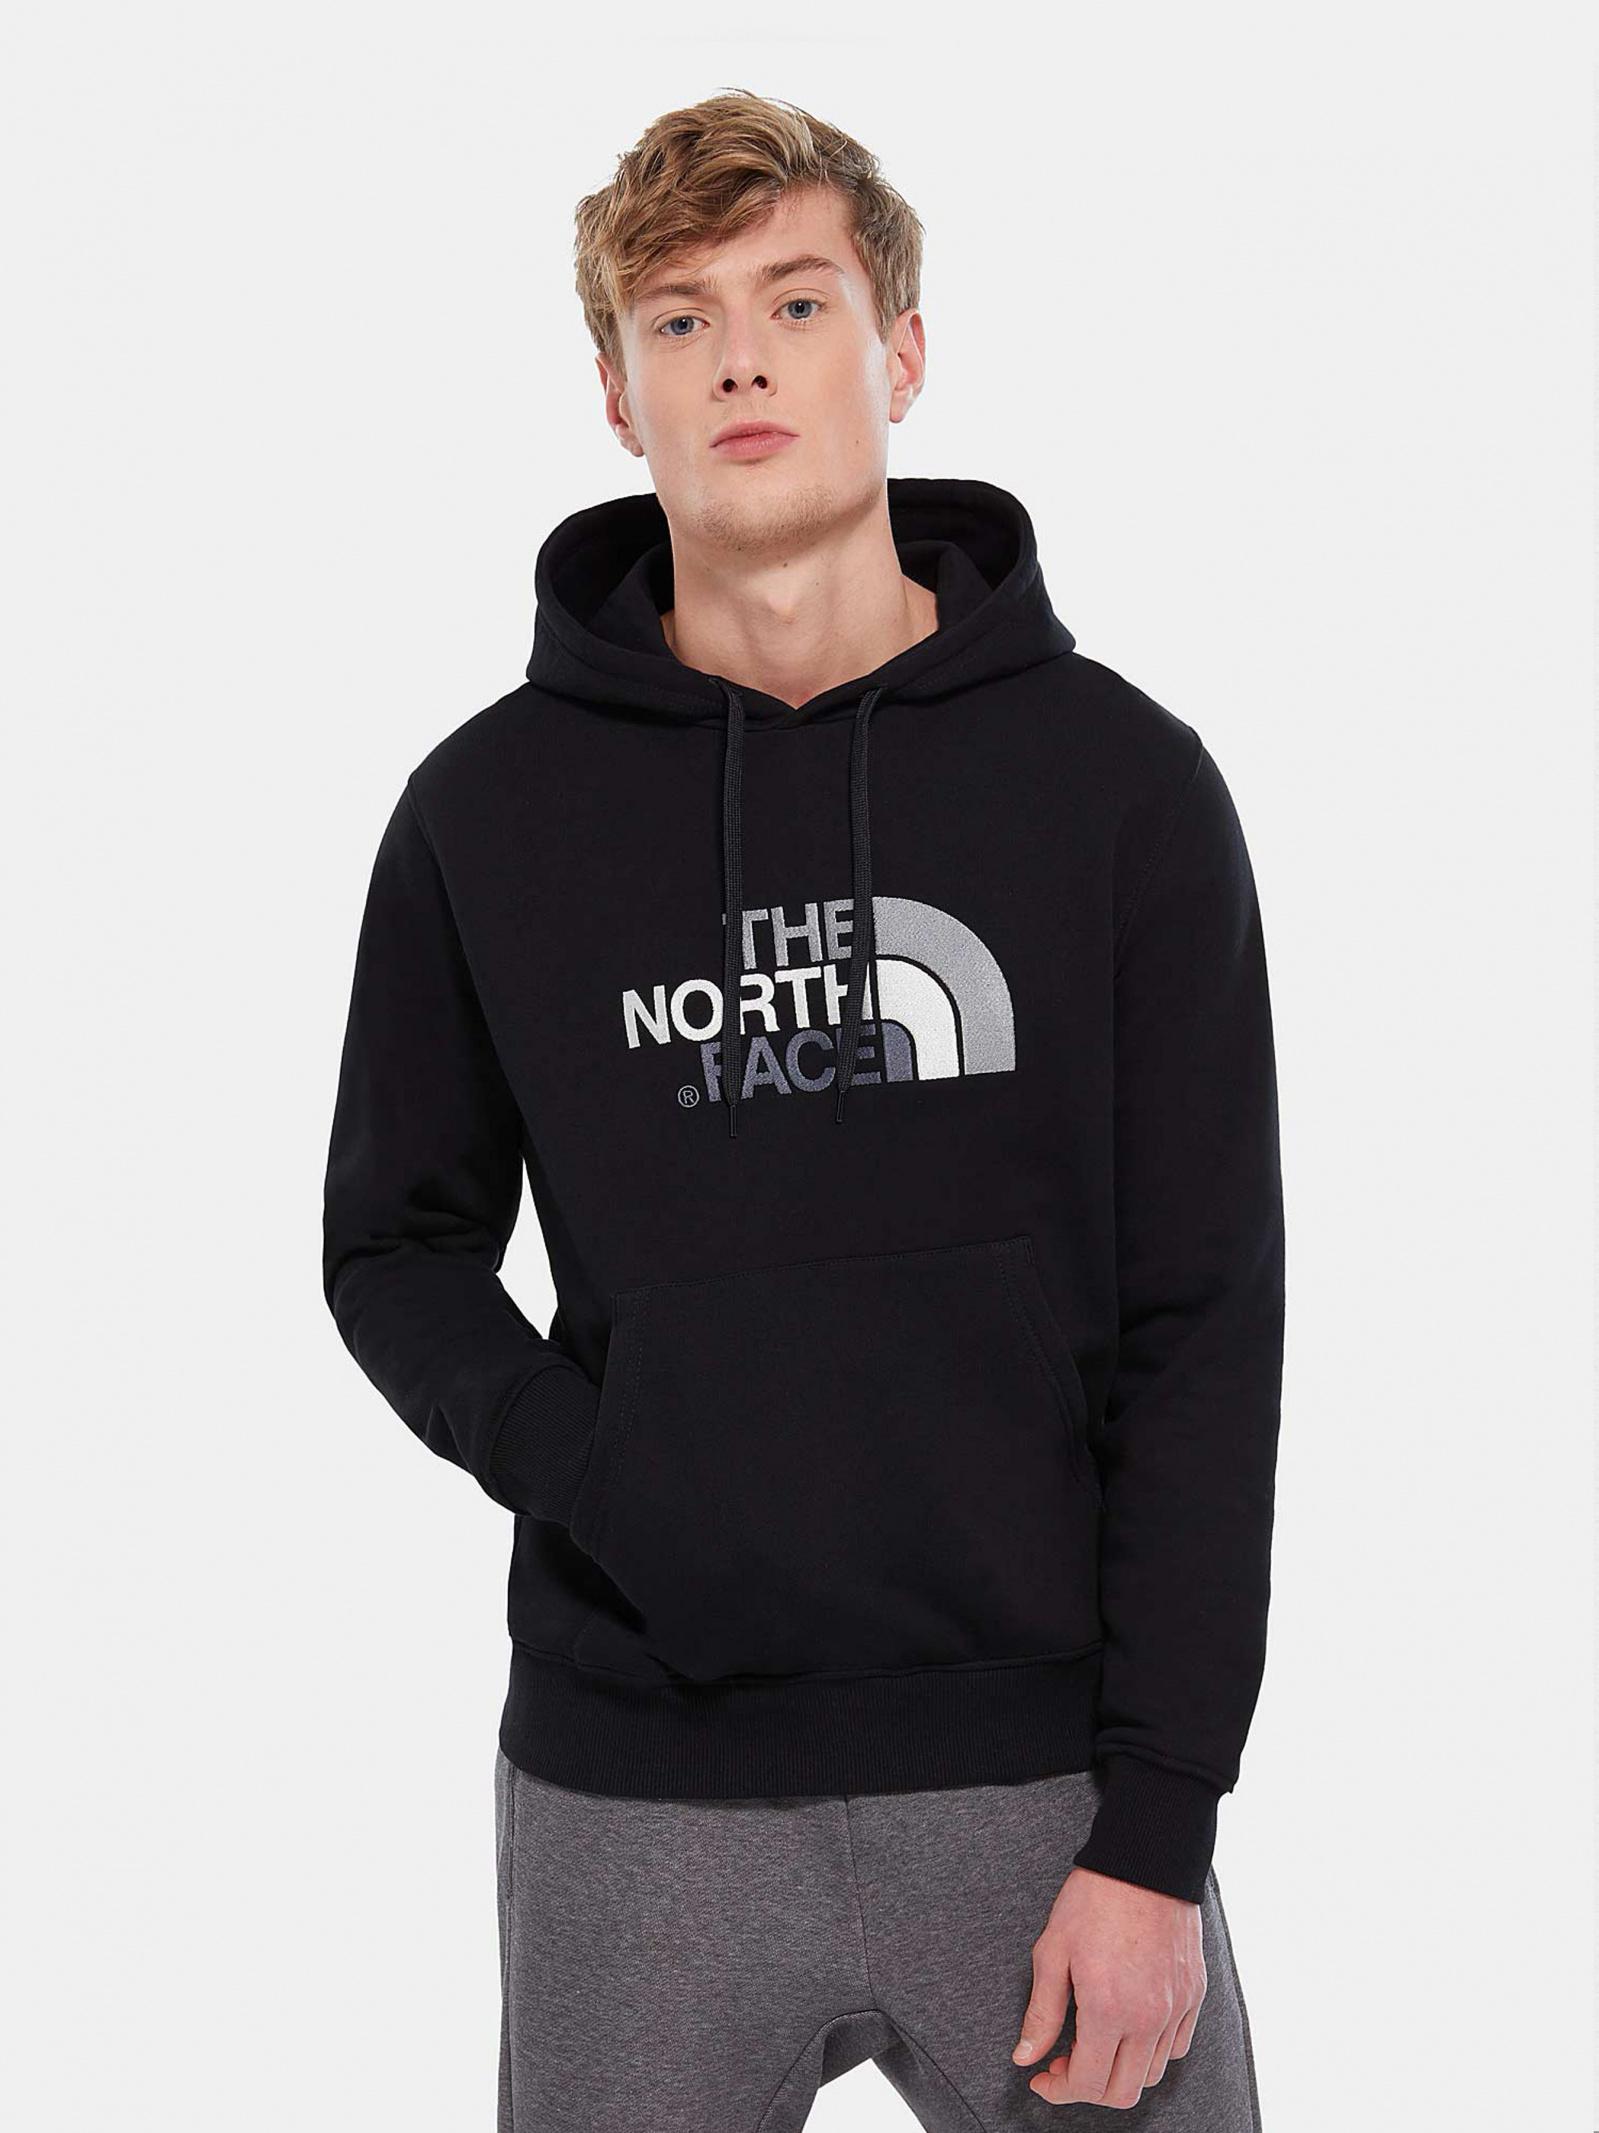 The North Face Кофти та светри чоловічі модель NF00AHJYKX71 купити, 2017